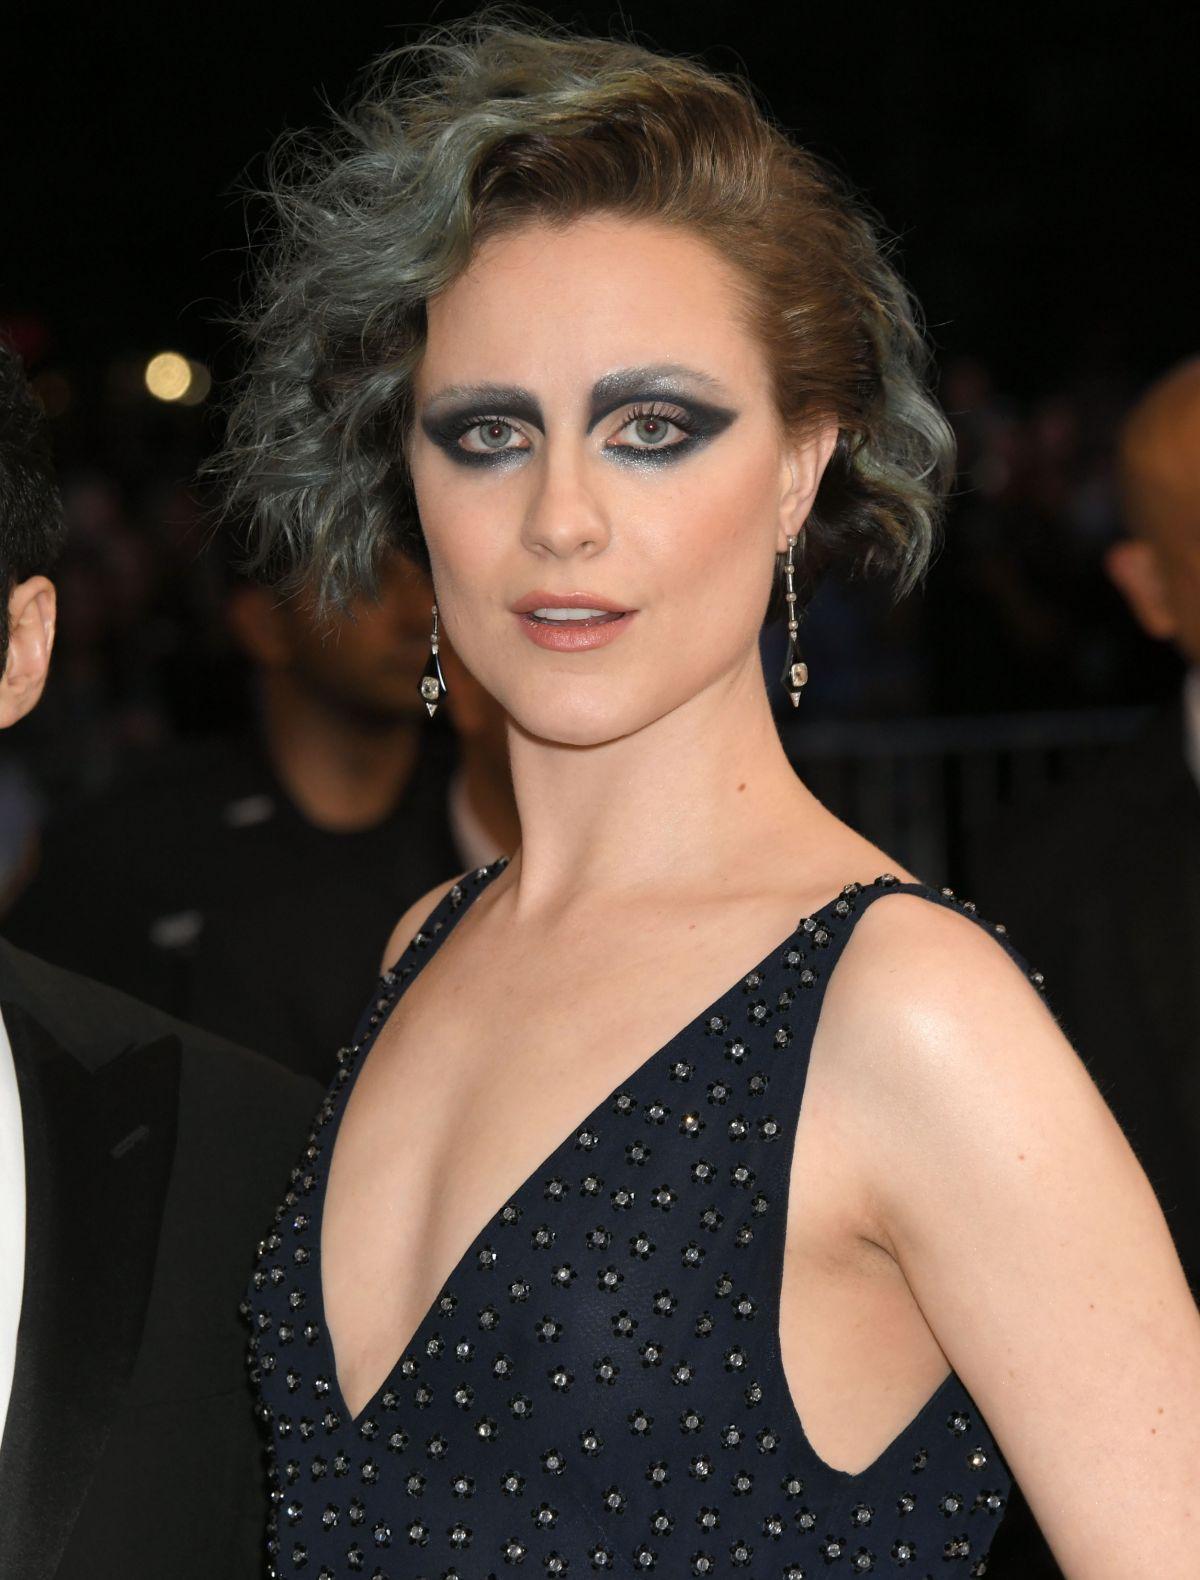 EVAN RACHEL WOOD at 2017 MET Gala in New York 05/01/2017 ... Evan Rachel Wood